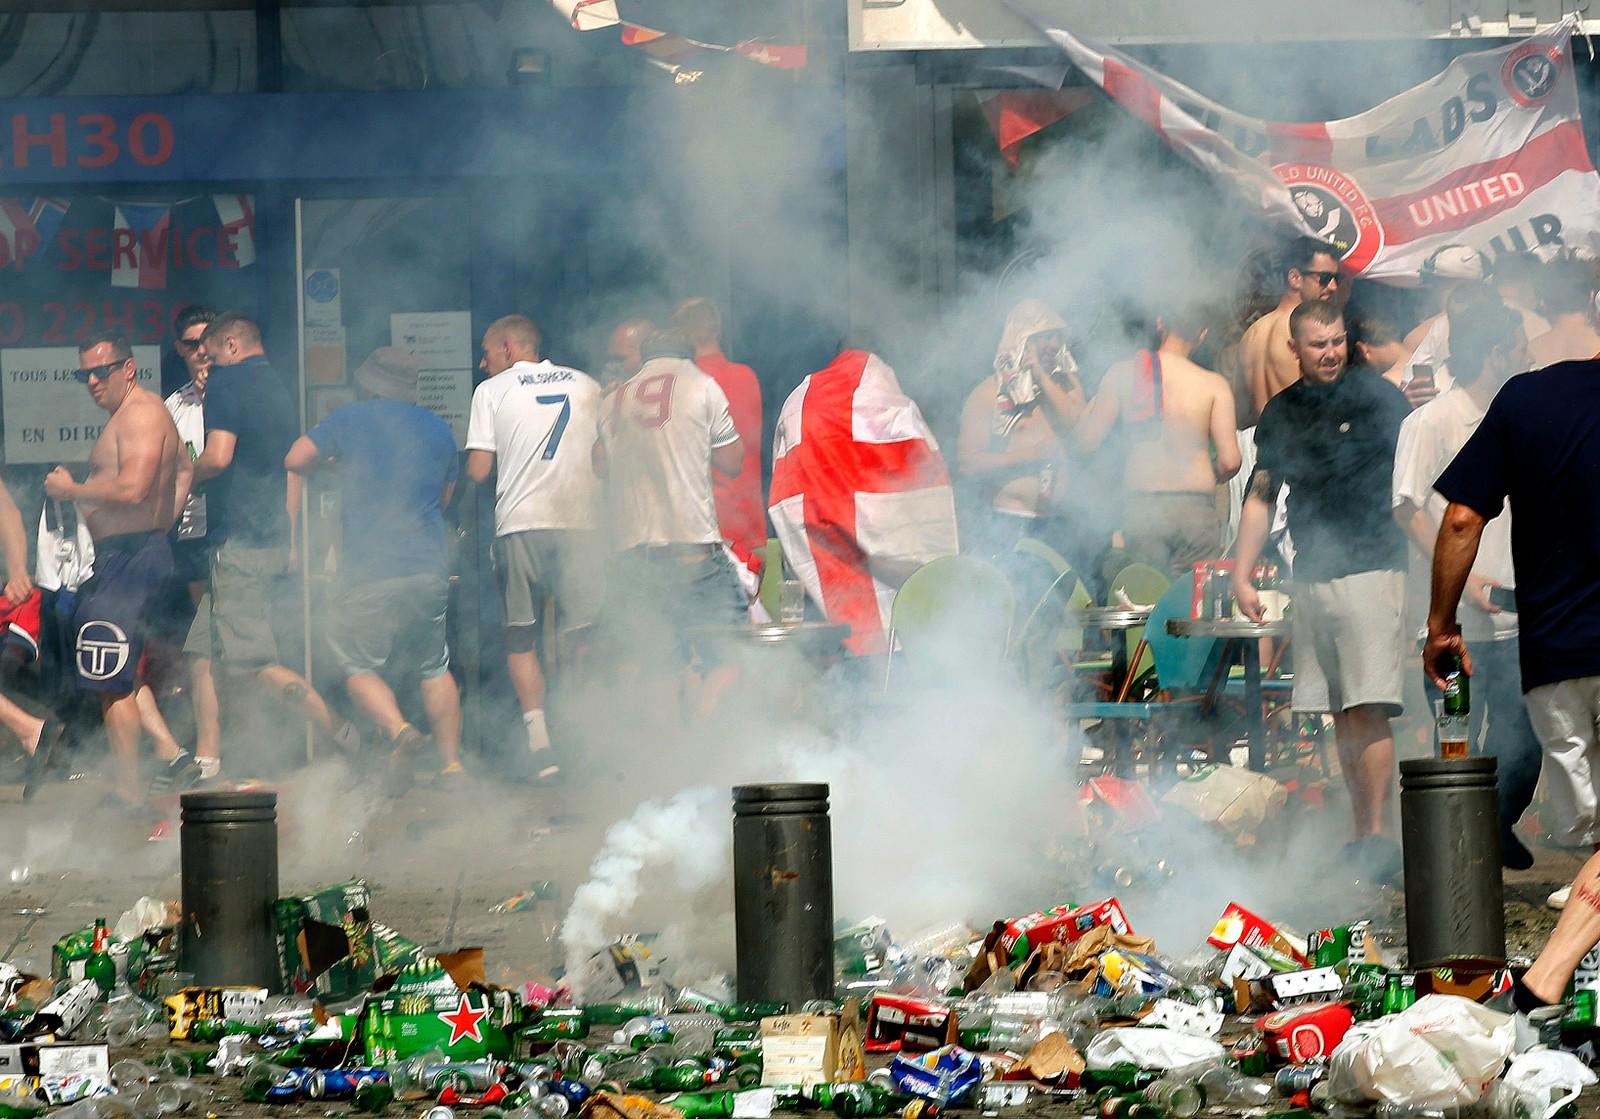 Engelske fotballsupportere i tåregass.